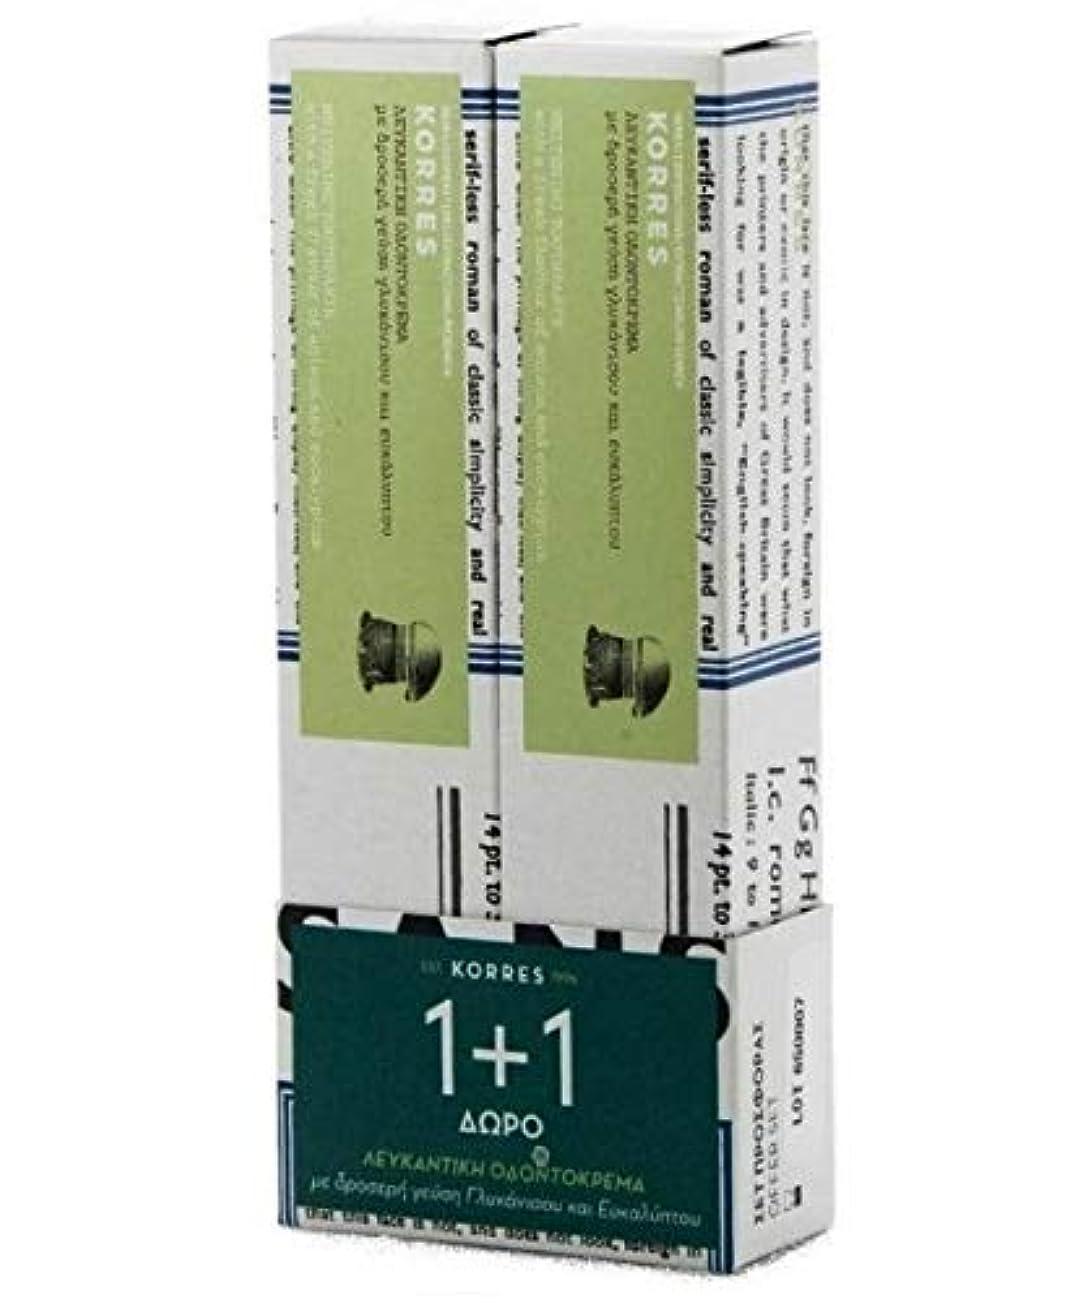 有毒な豊かにするぴかぴかKorres ホワイトニング歯磨き粉 アニスムとユーカリの風味 1+1 提供